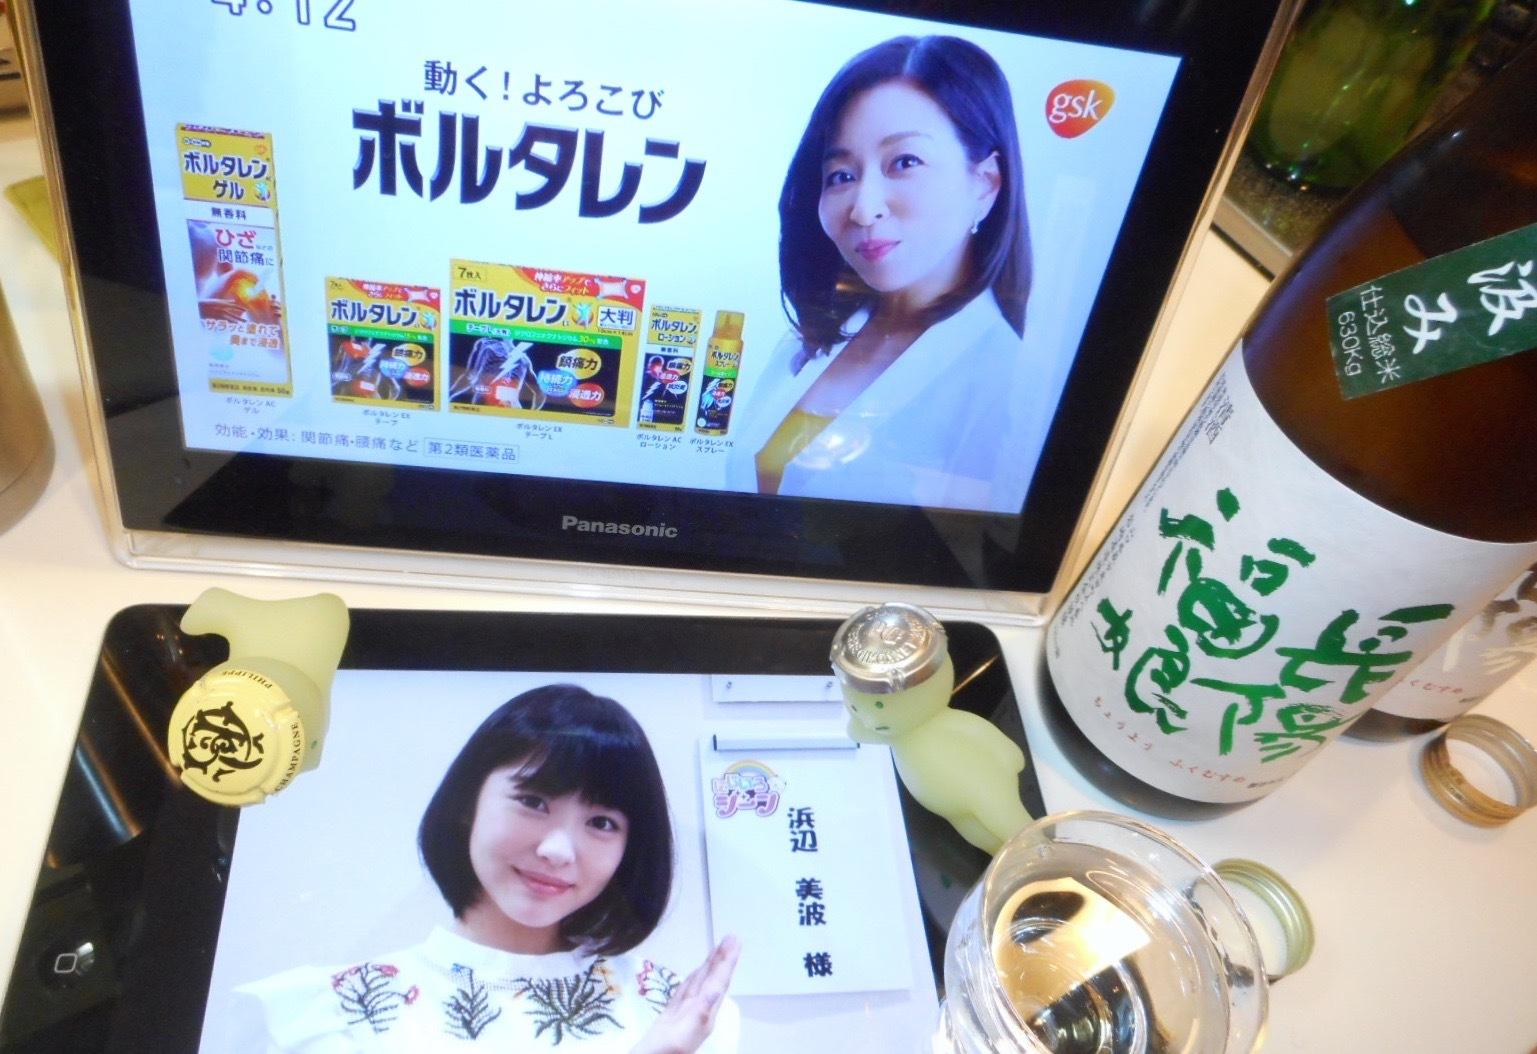 浜辺美波最強論vs真矢ミキ1